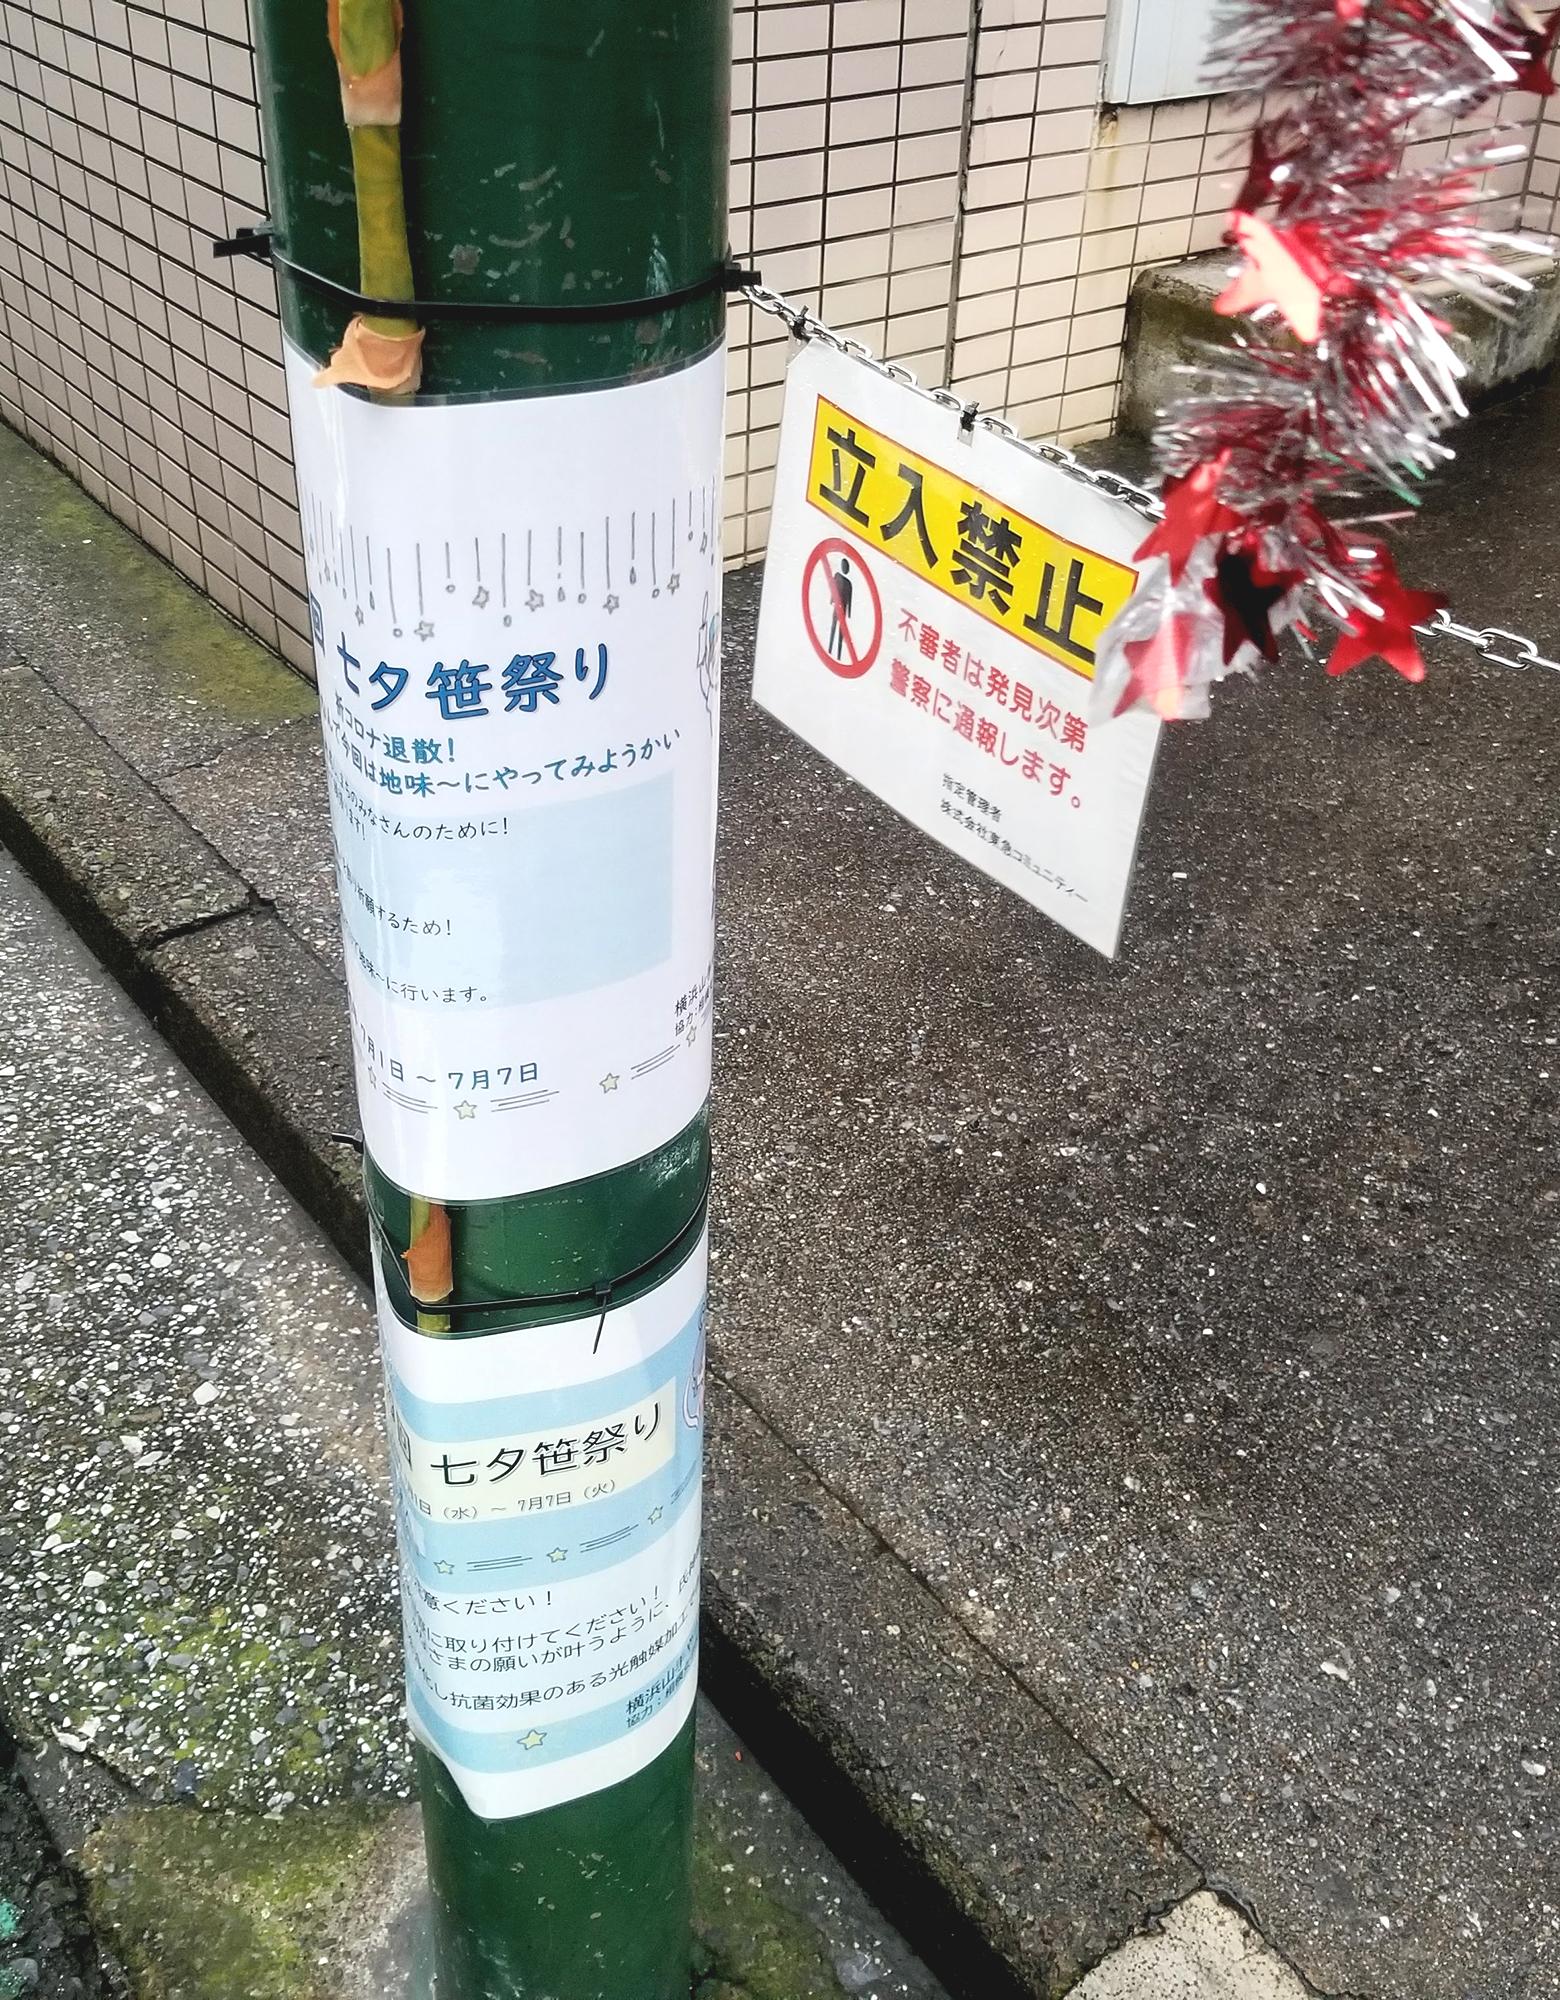 七夕笹祭り写真2